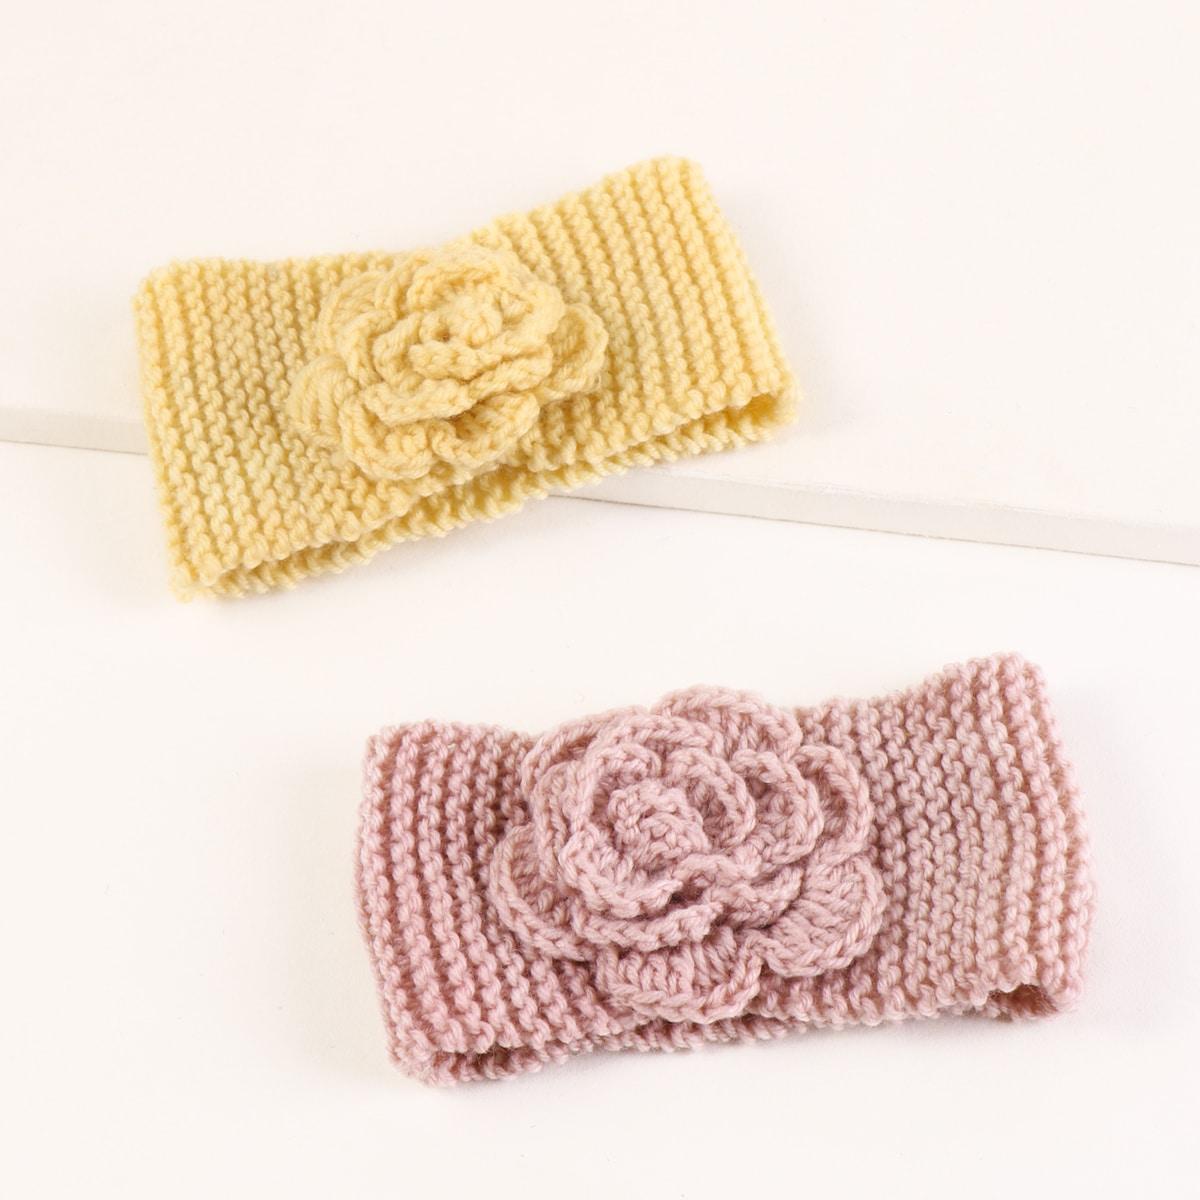 2 Stücke Strick Kopfband mit Blumen Dekor